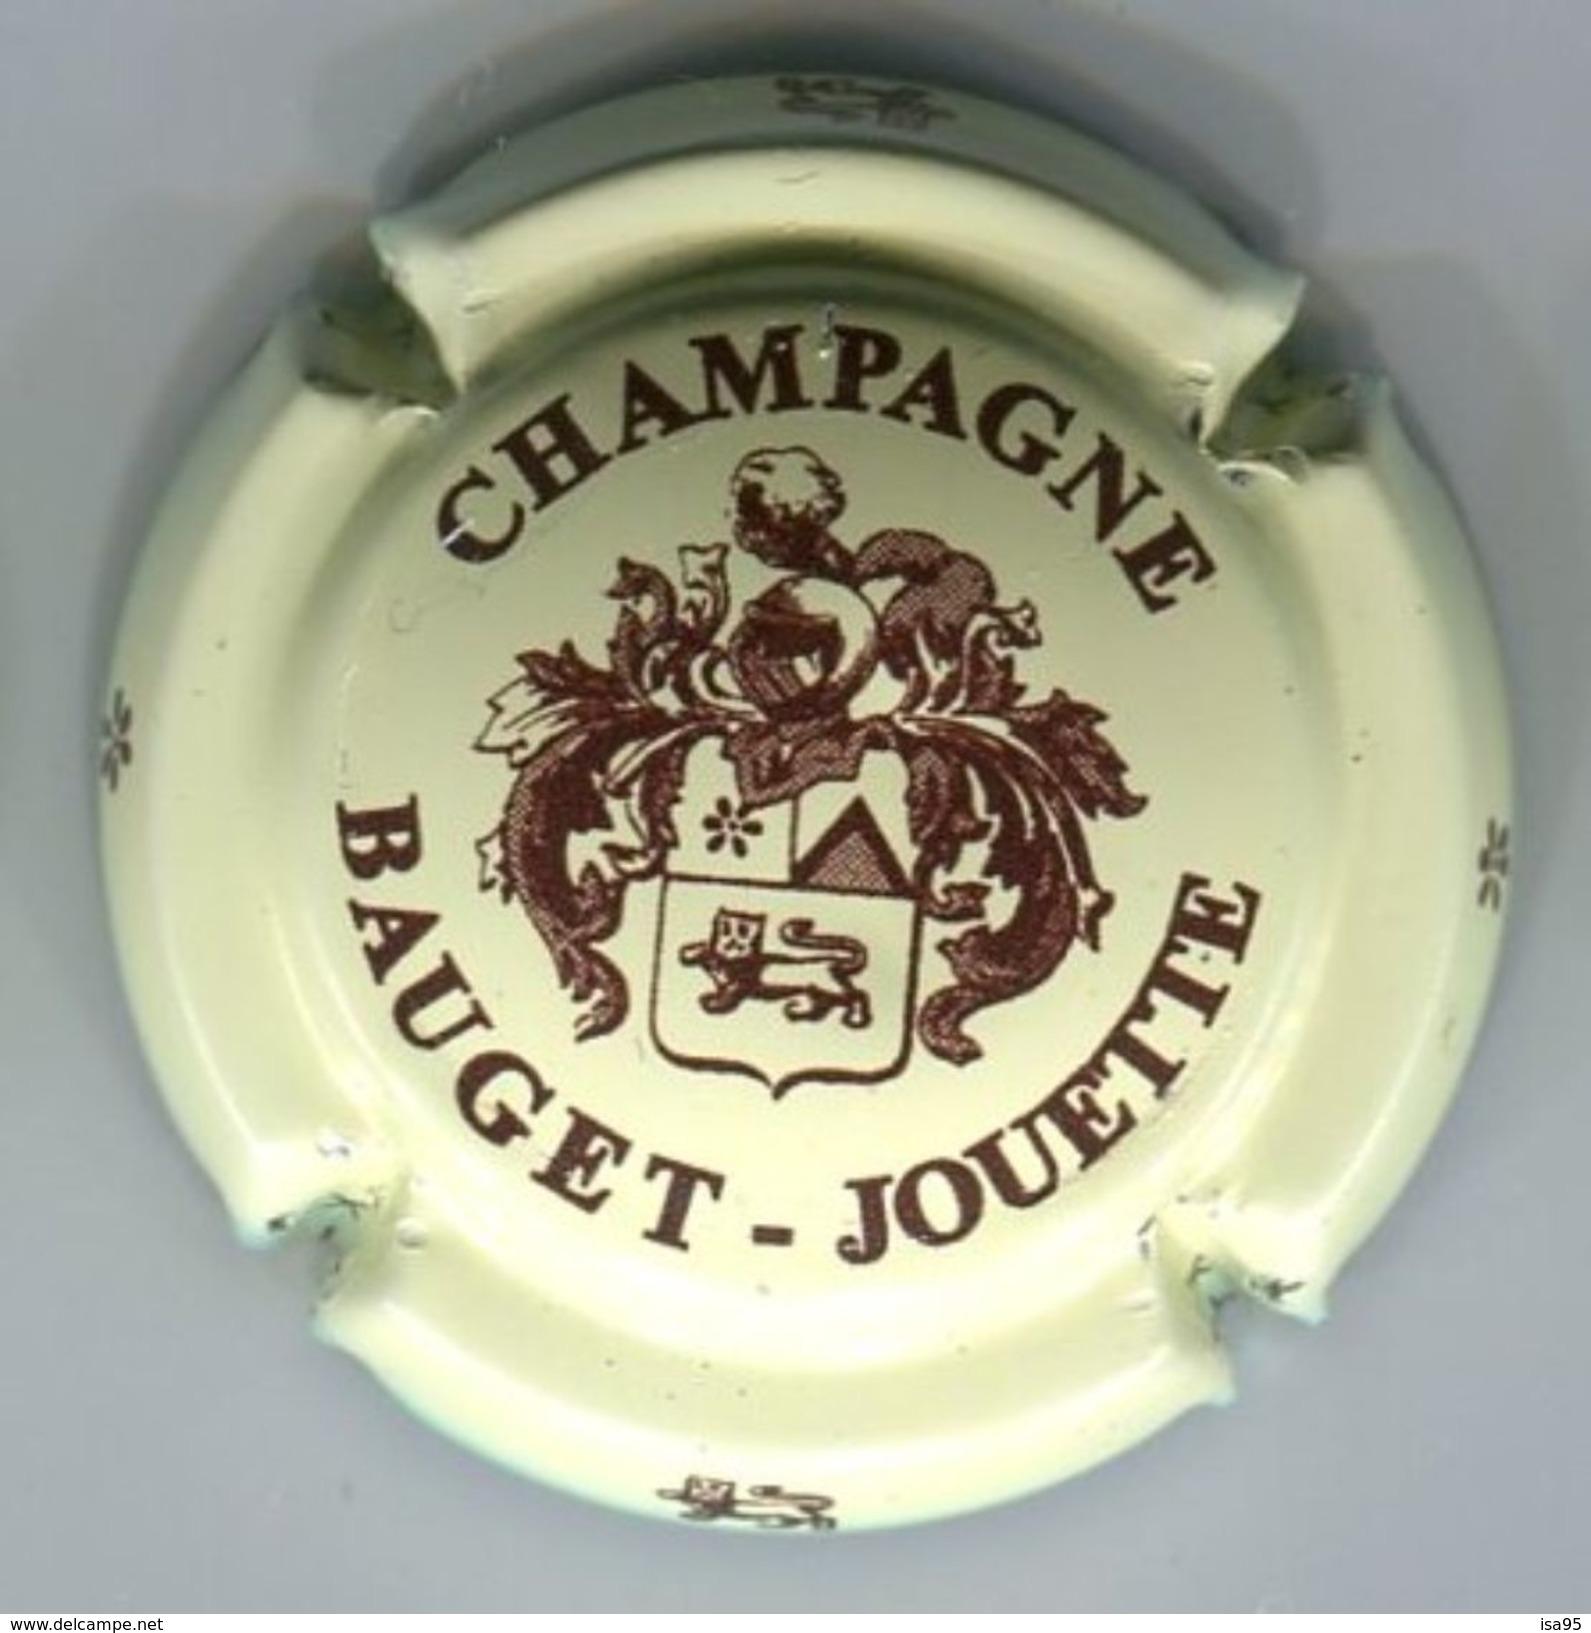 Capsule de champagne U.P.R 6. vert pâle et vert foncé LE MESNIL